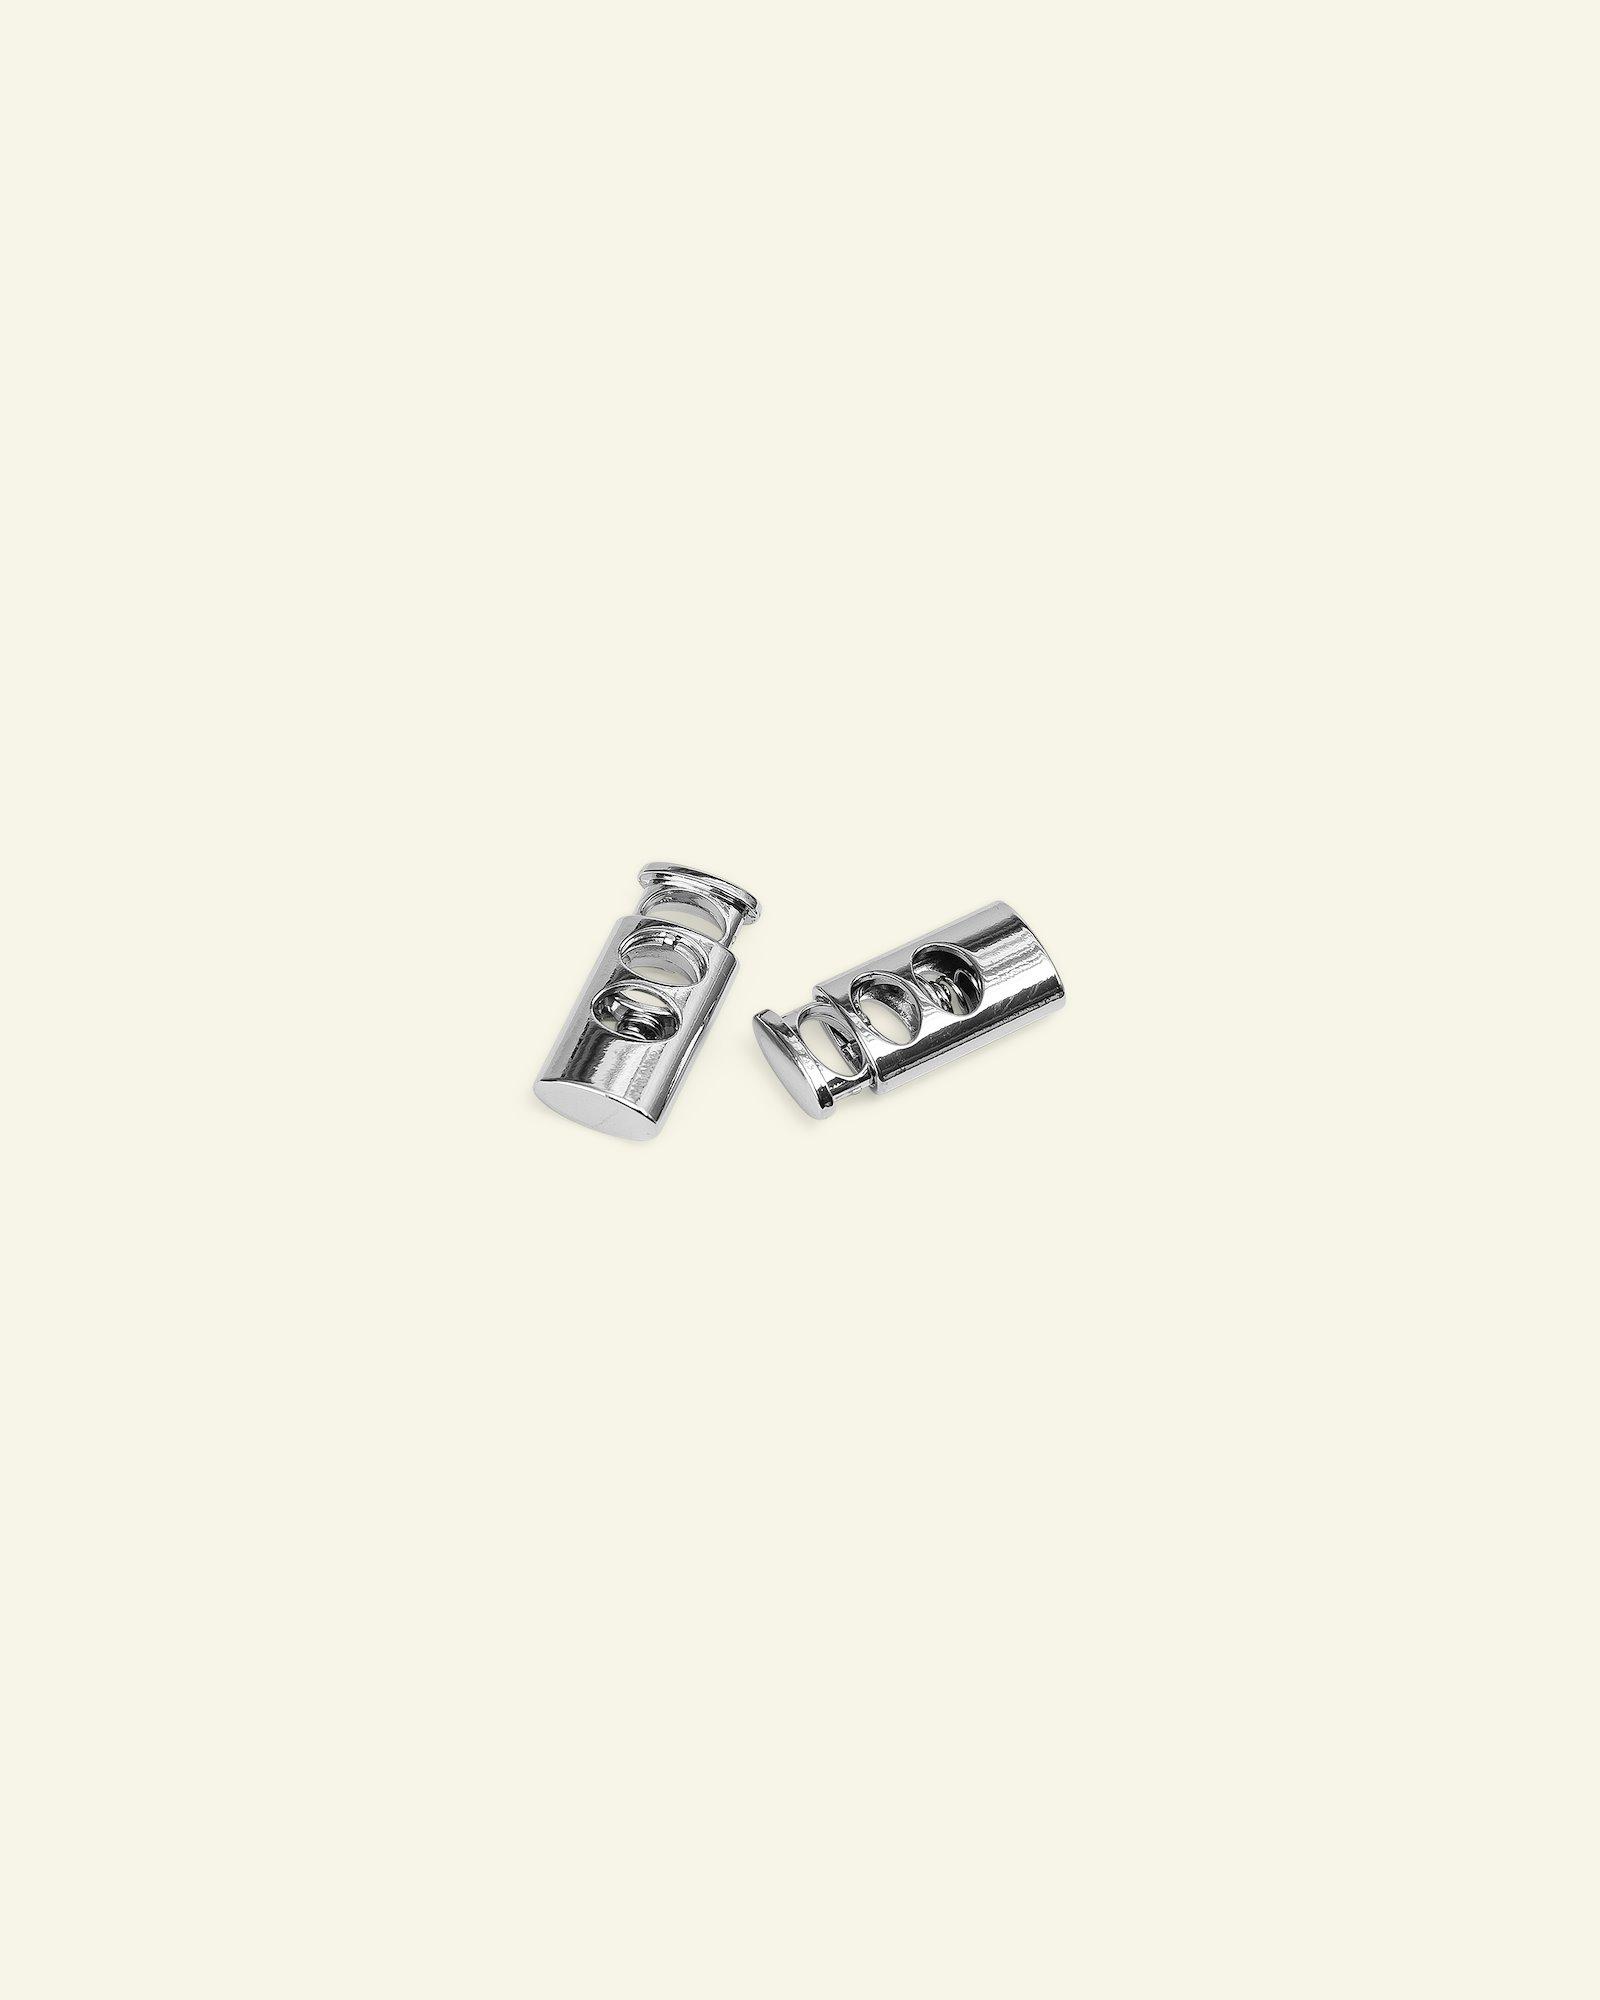 Cord lock metal 28x13mm black 2pcs